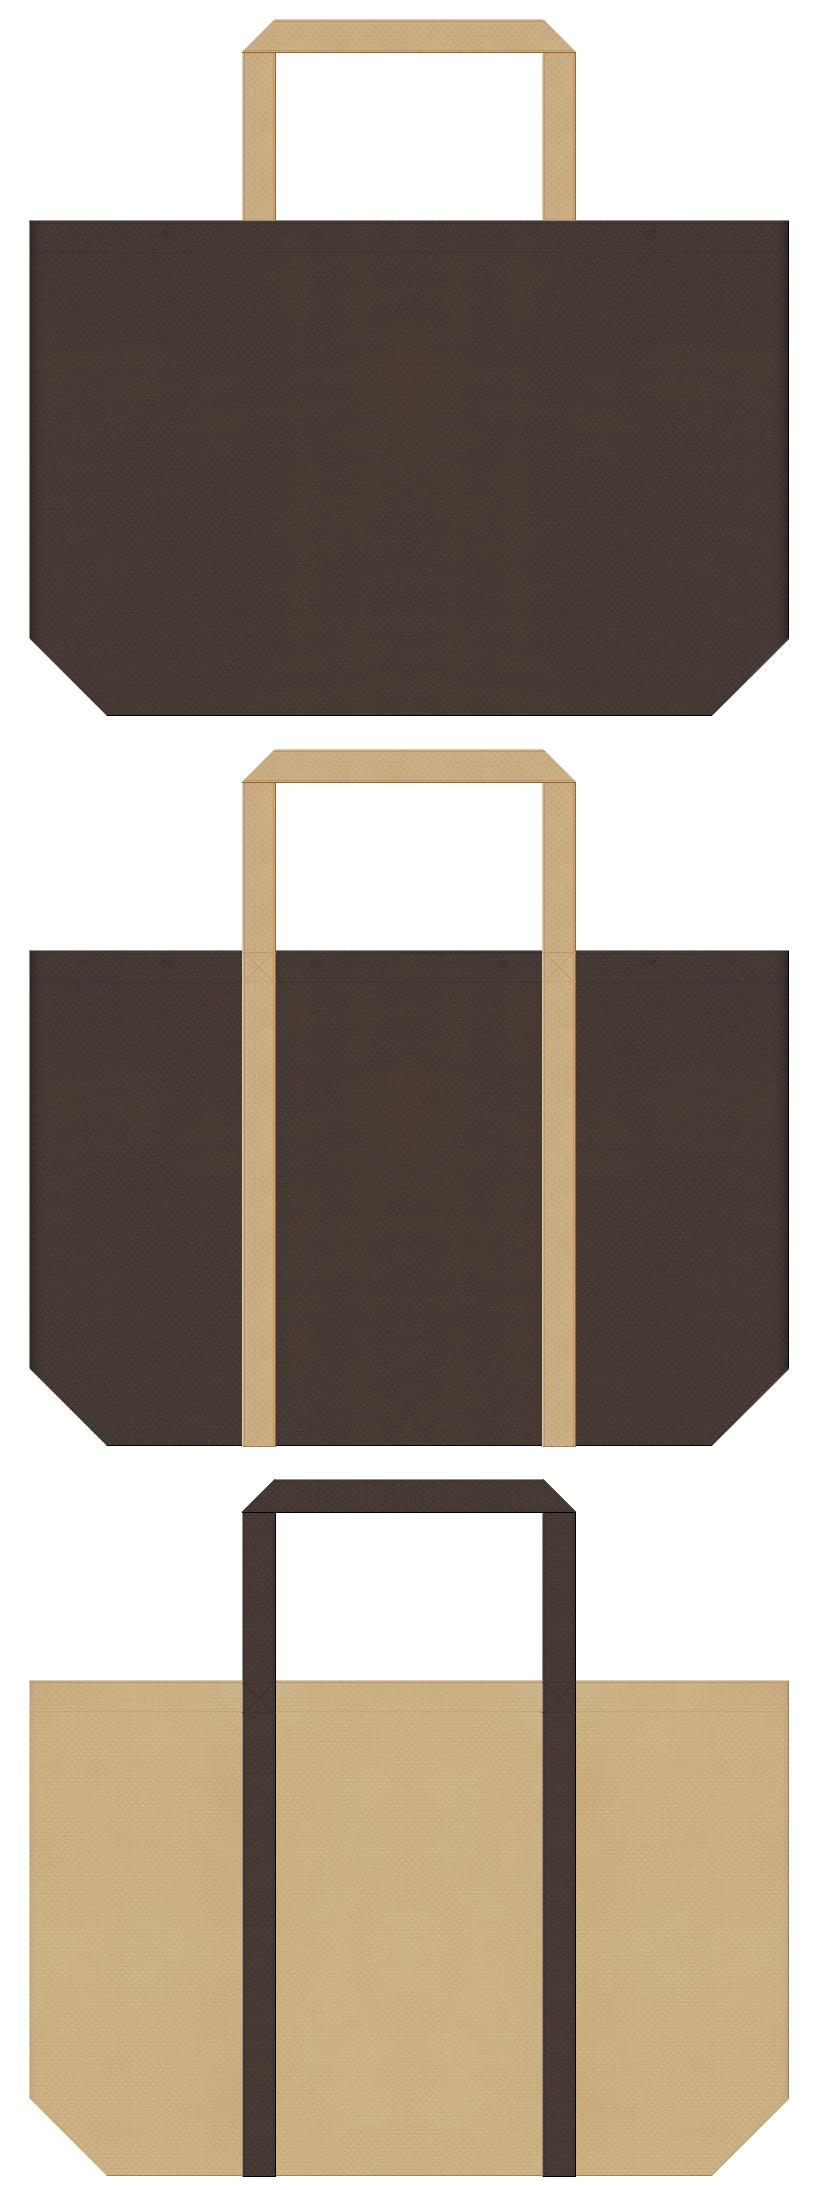 こげ茶色とカーキ色の不織布バッグデザイン。ベーカリーカフェにお奨めの配色です。